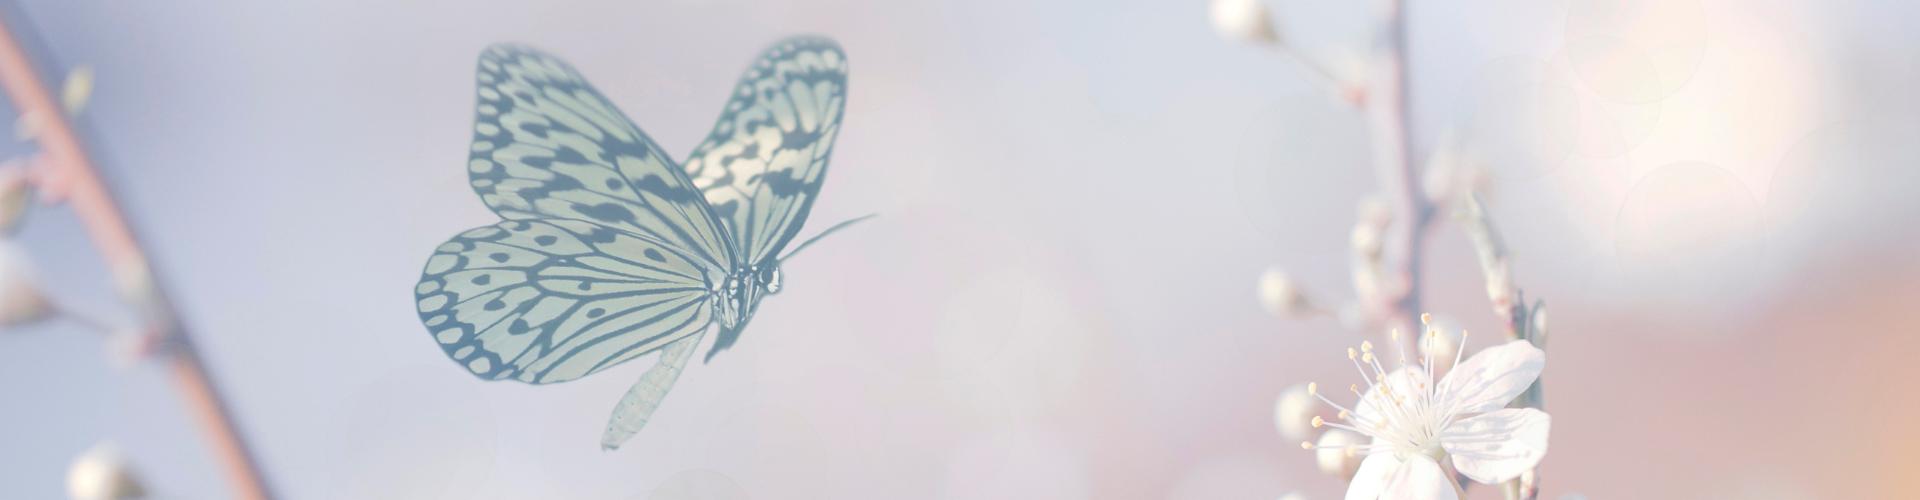 spirituele betekenis vlinder